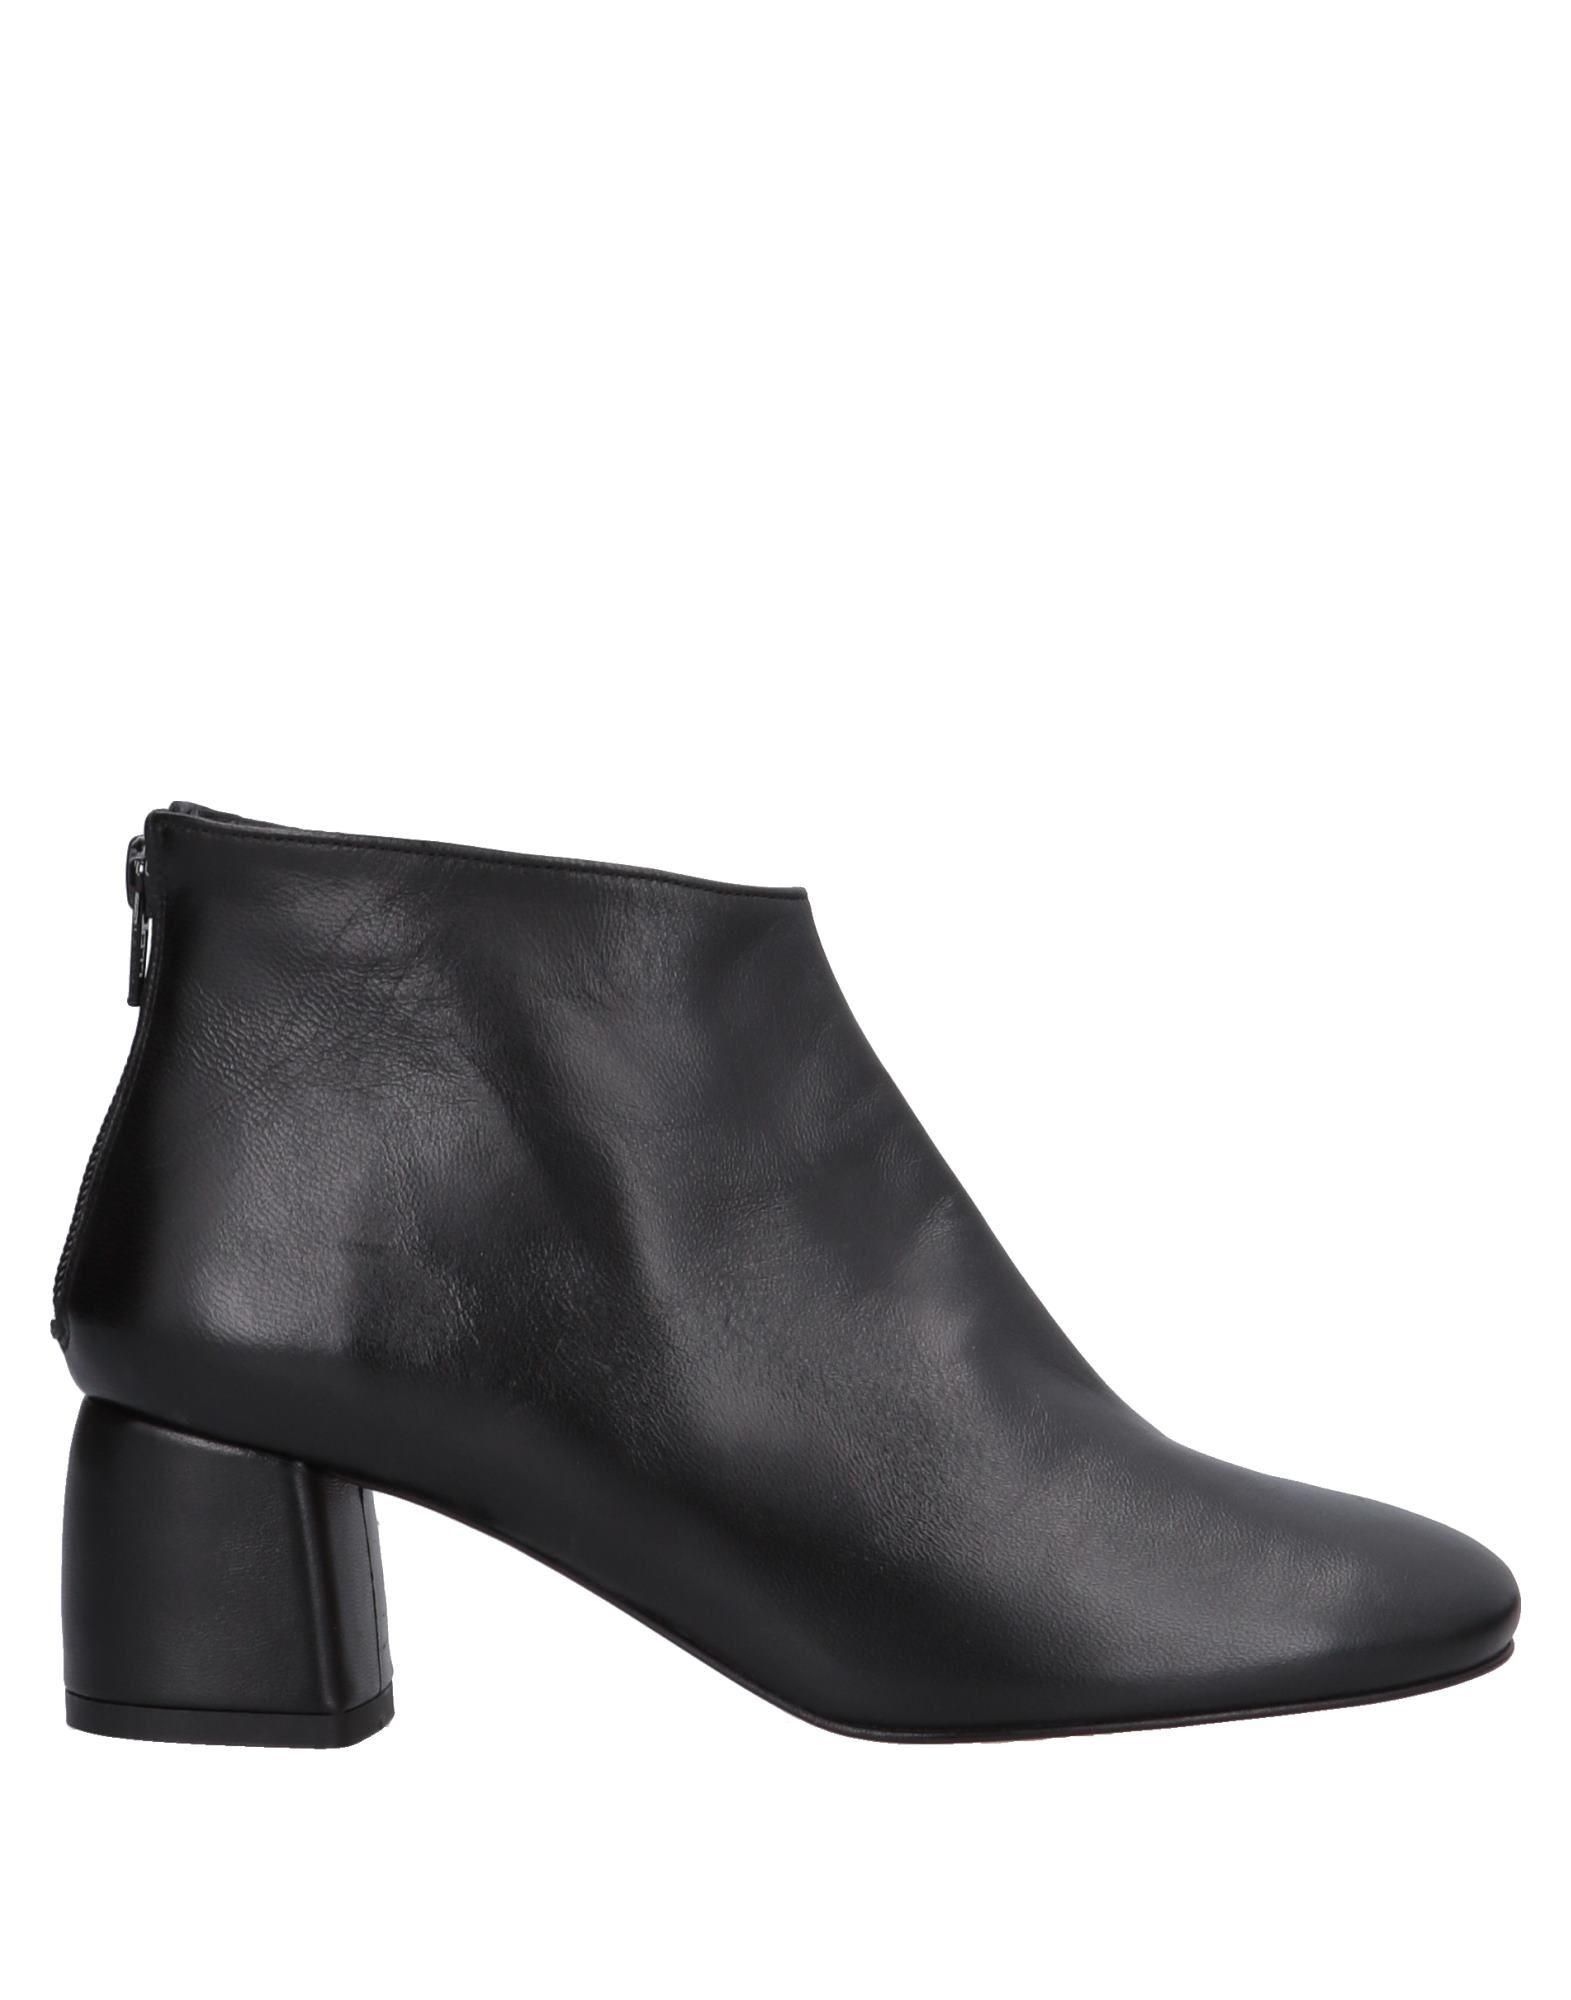 Gut um billige Schuhe Damen zu tragenO'dan Li Stiefelette Damen Schuhe  11550237HT 518036